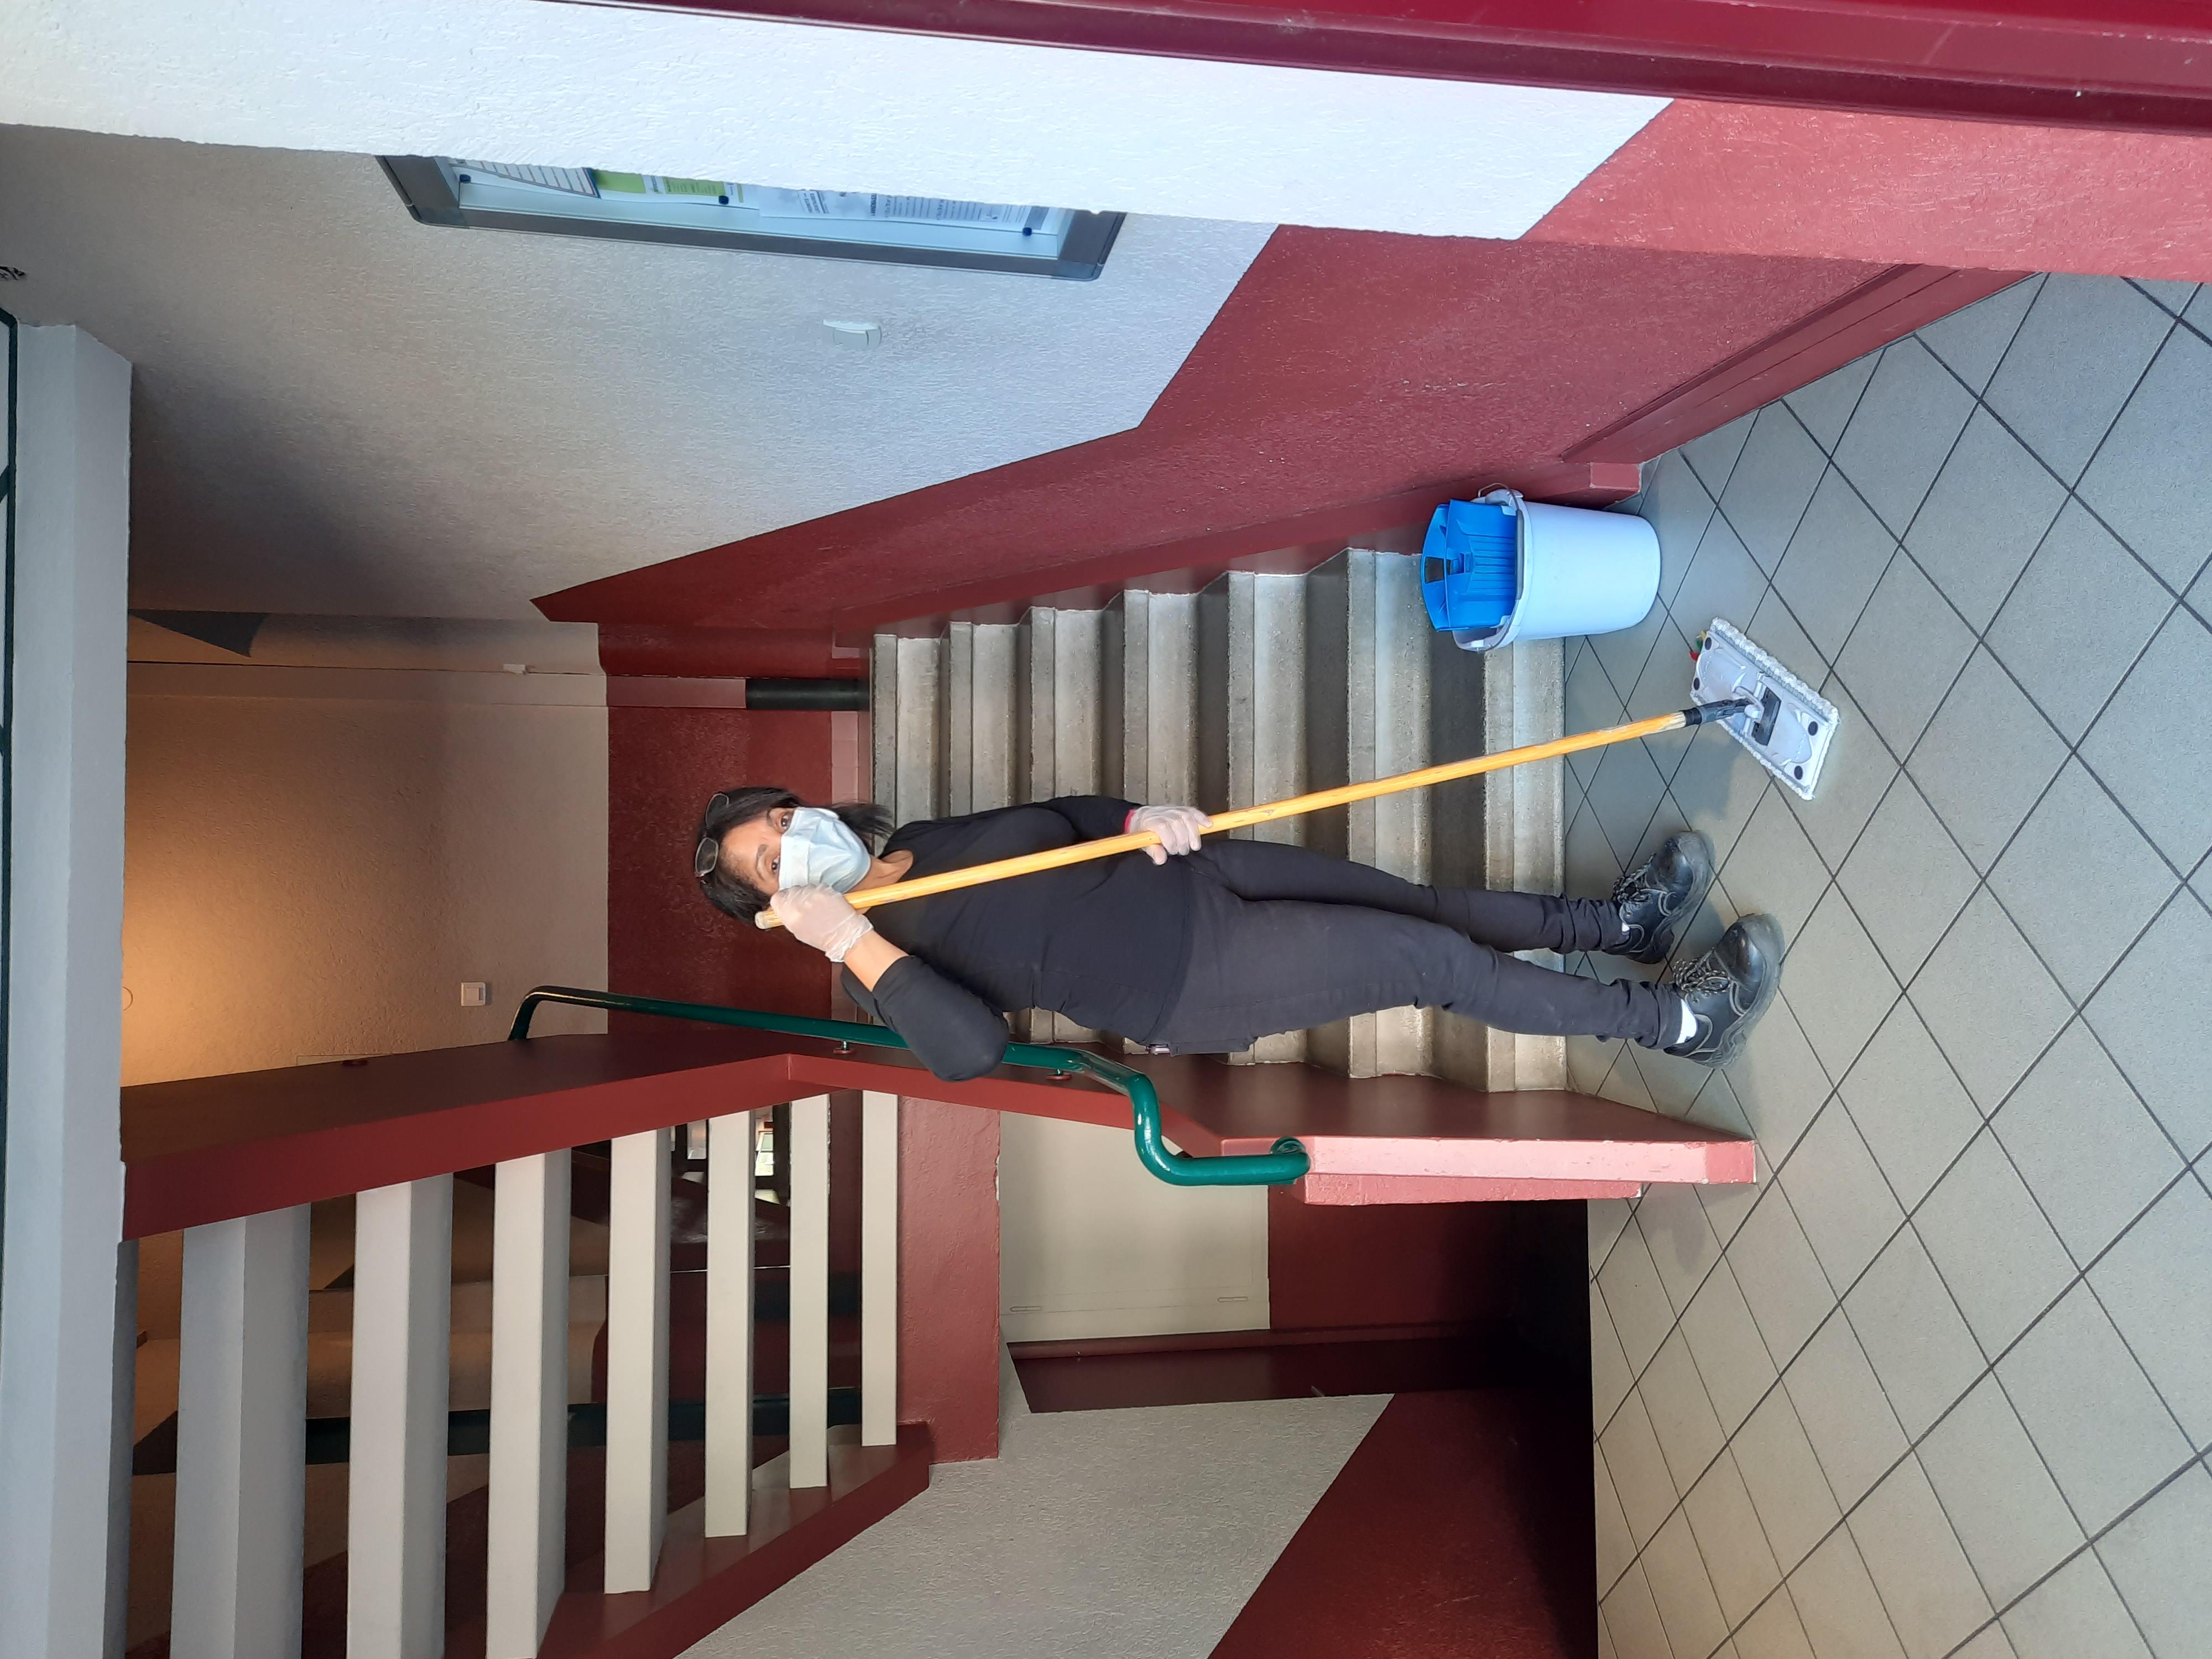 nettoyage des montées d'escaliers d'immeubles